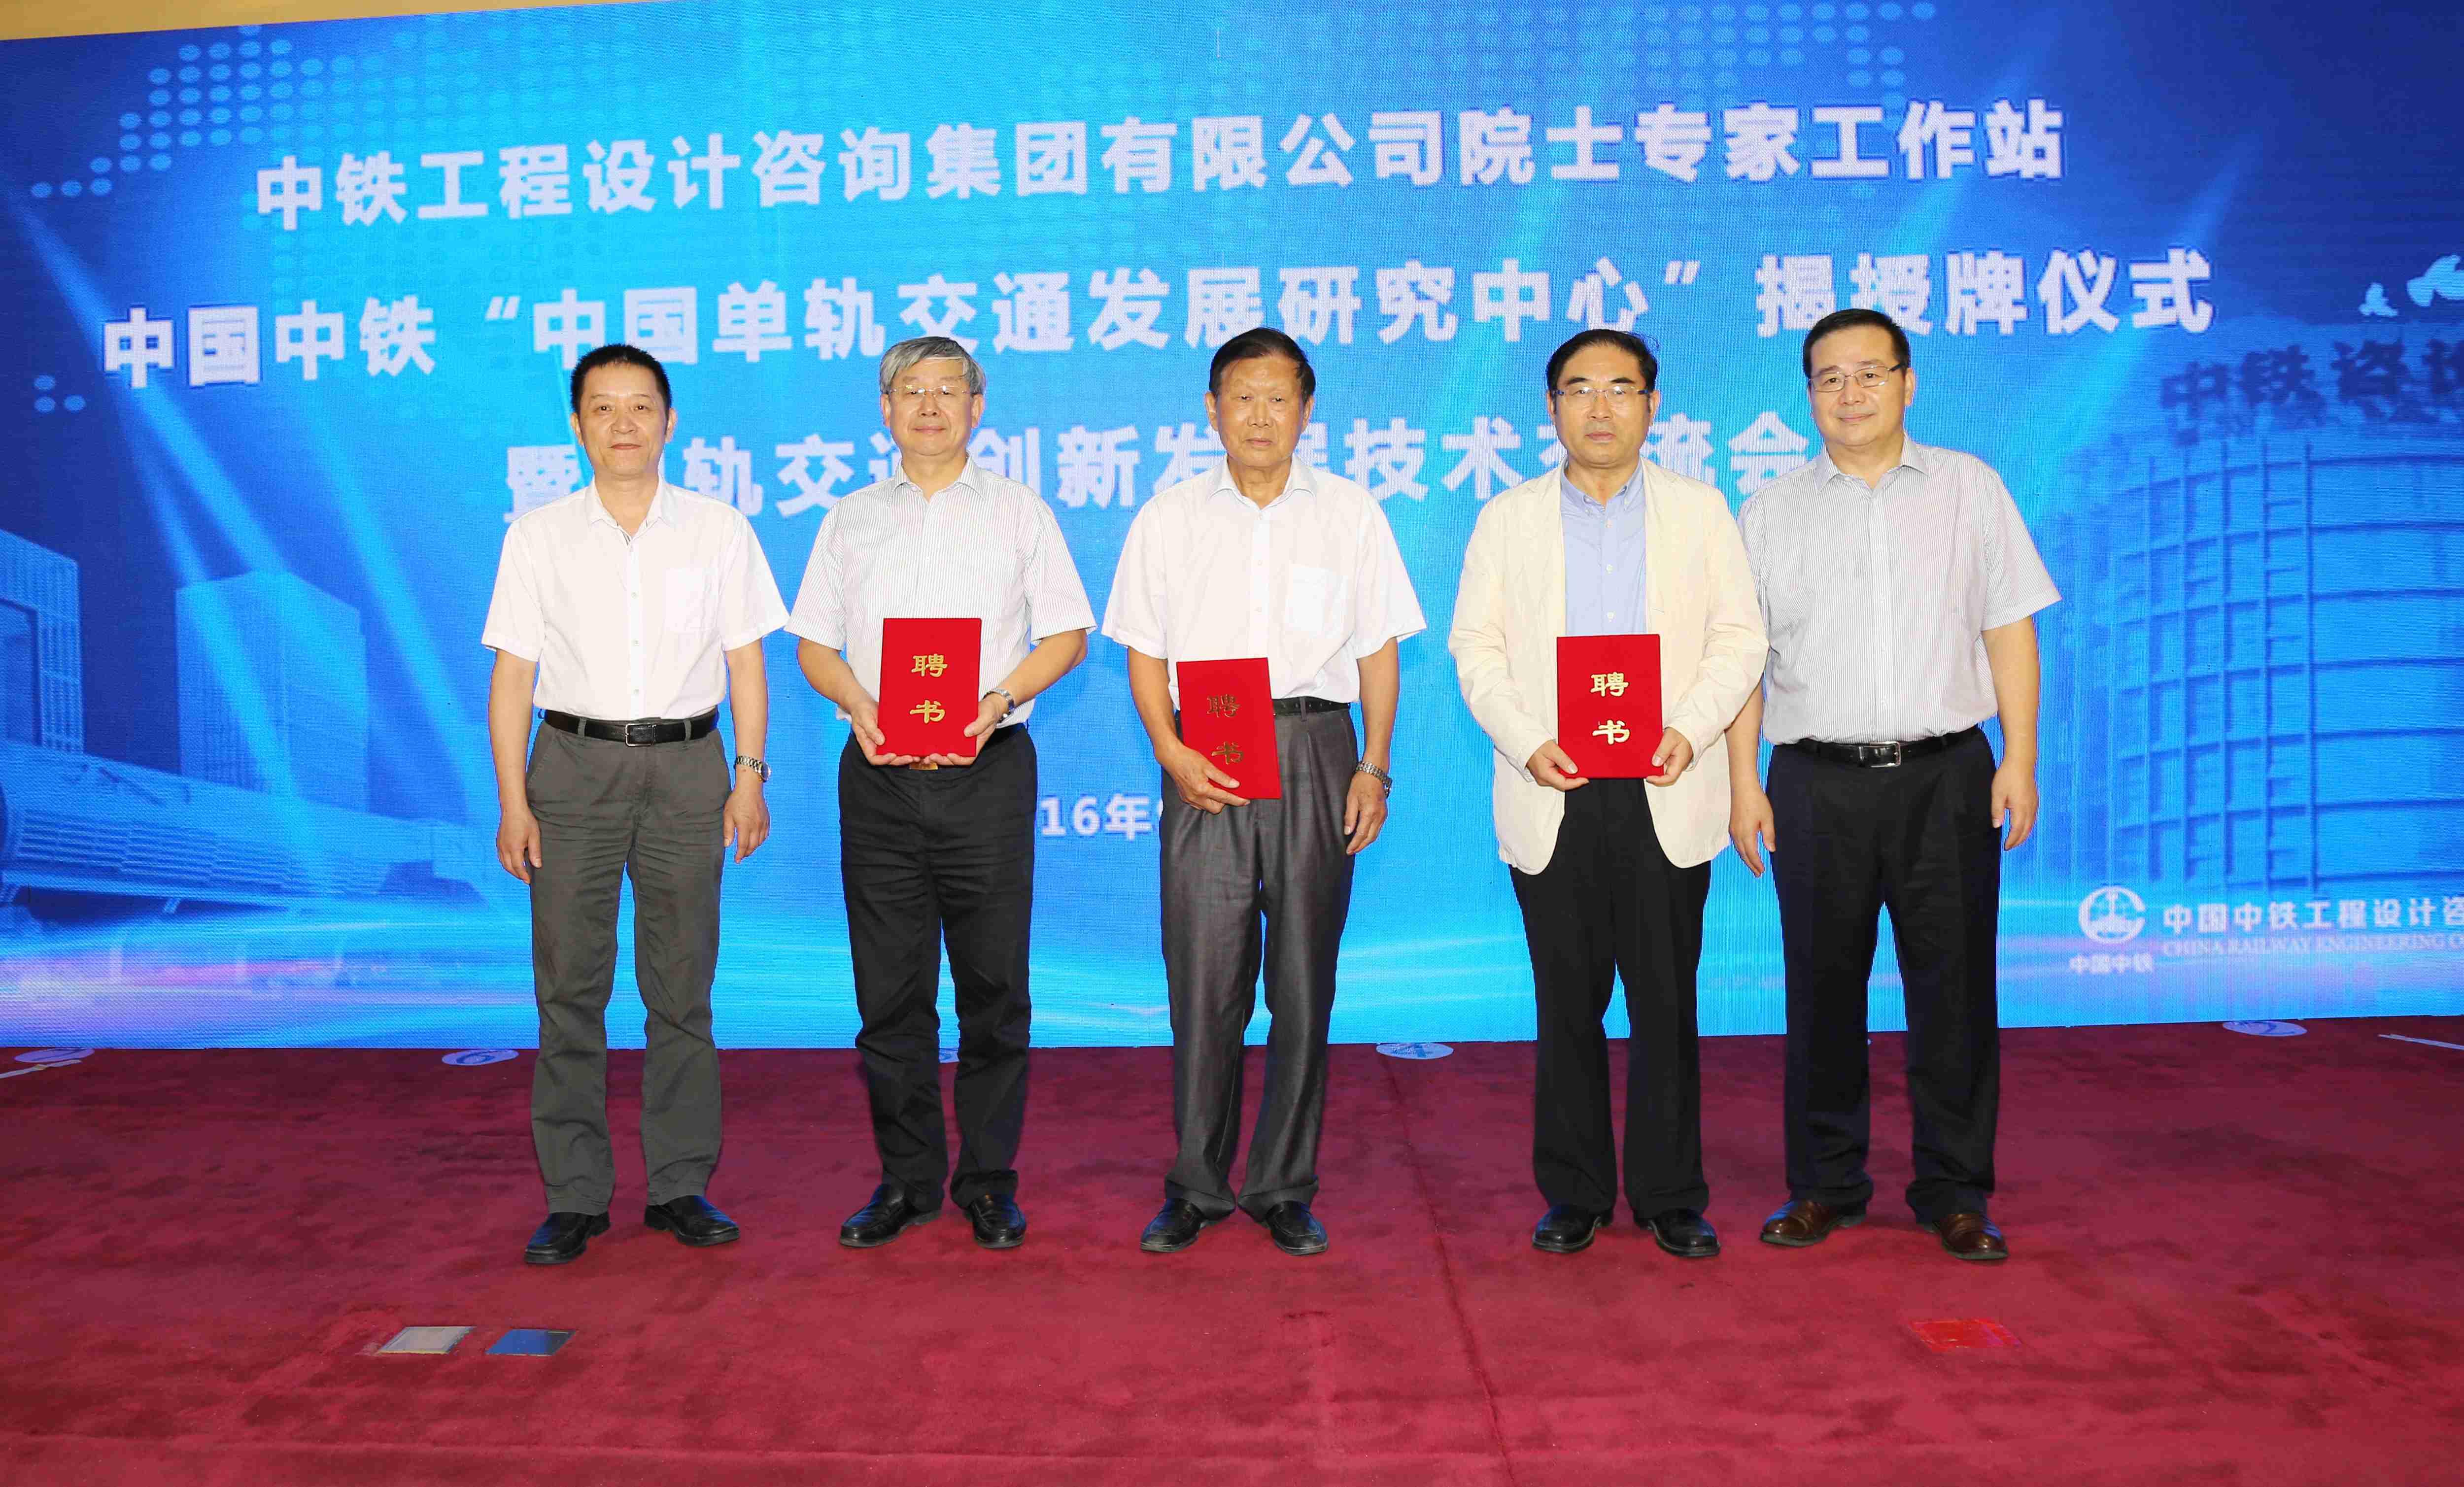 中铁工程设计咨询集团公司院士专家工作站授牌仪式举行图片